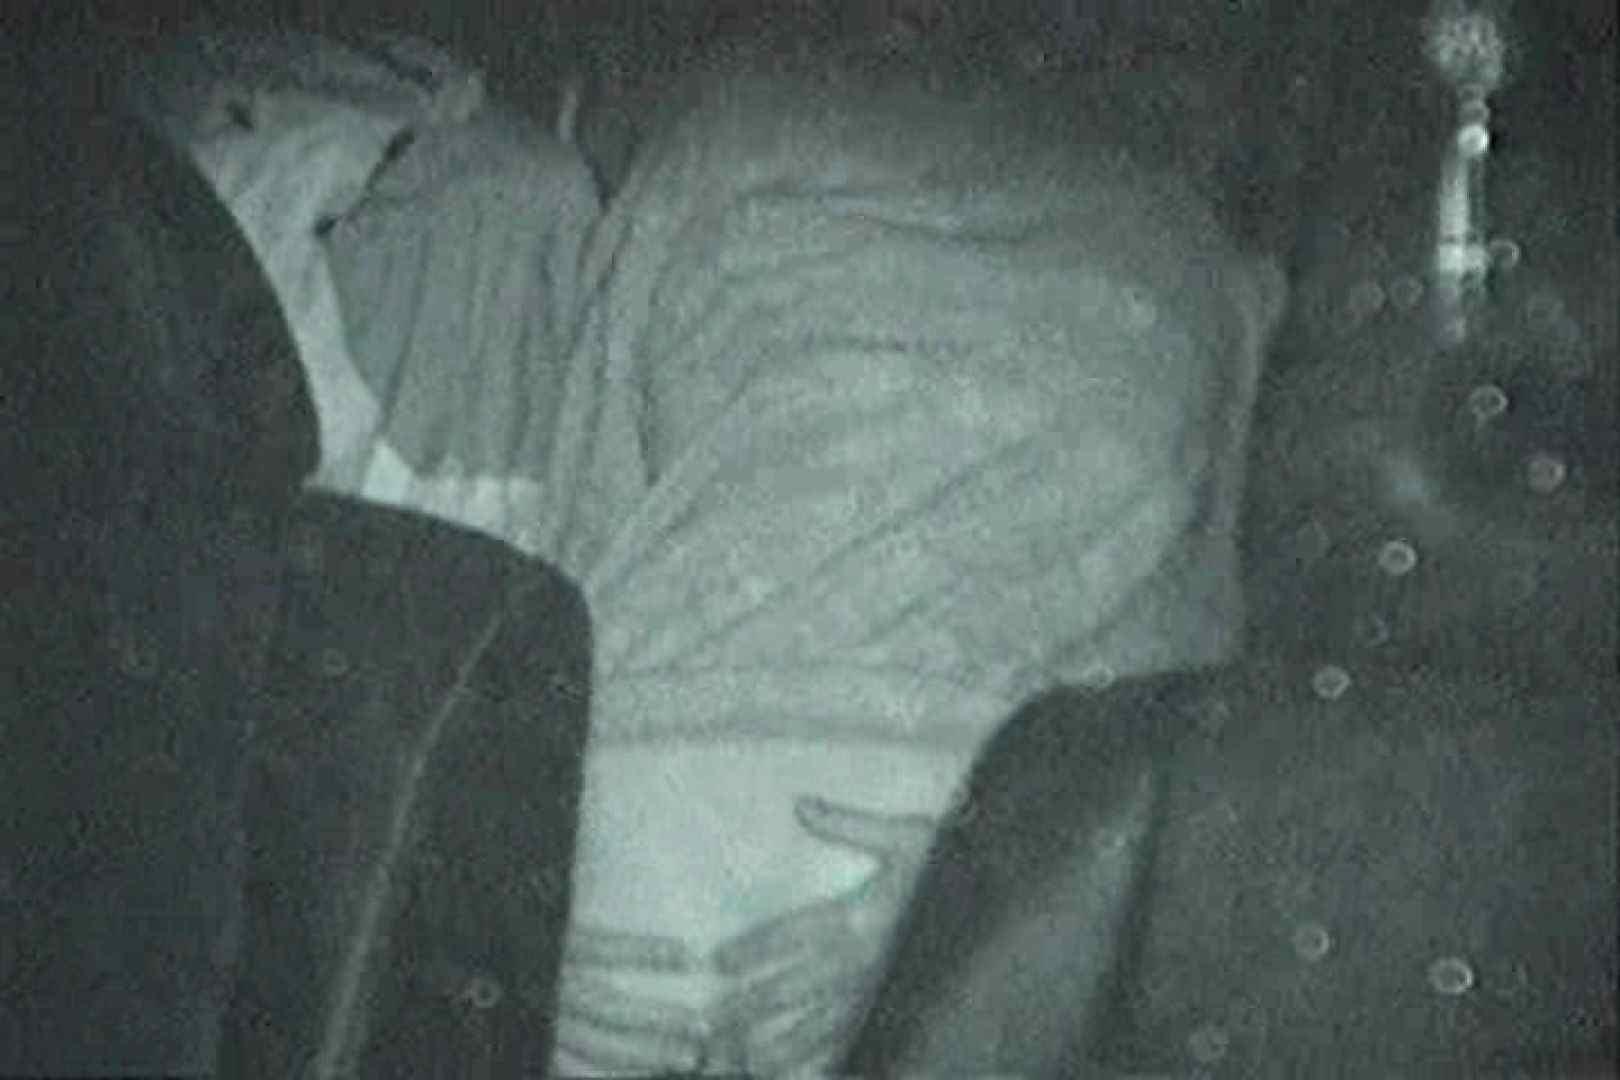 充血監督の深夜の運動会Vol.123 カップル盗撮 | エロティックなOL  107画像 85